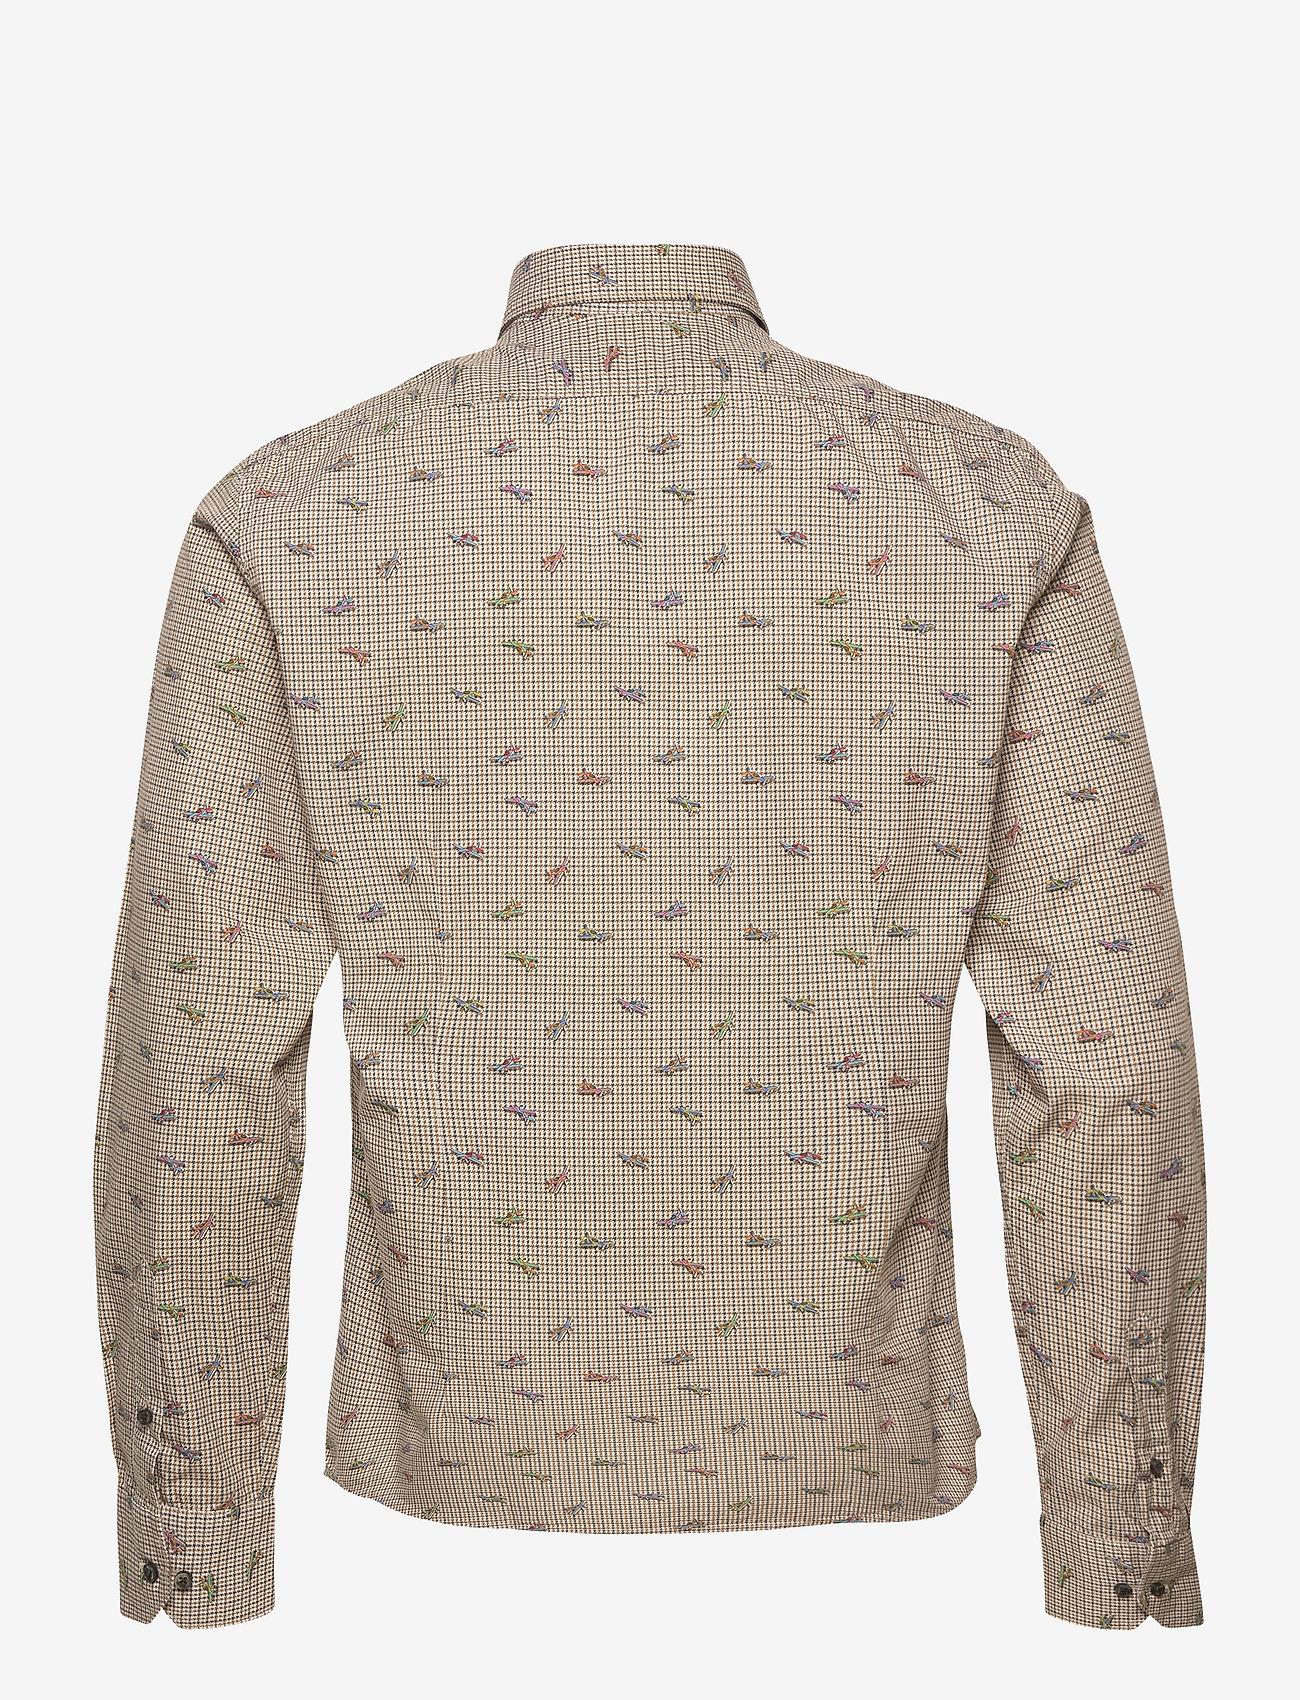 XO Shirtmaker by Sand Copenhagen 8646 - Gordy SC - Skjorter LIGHT CAMEL - Menn Klær